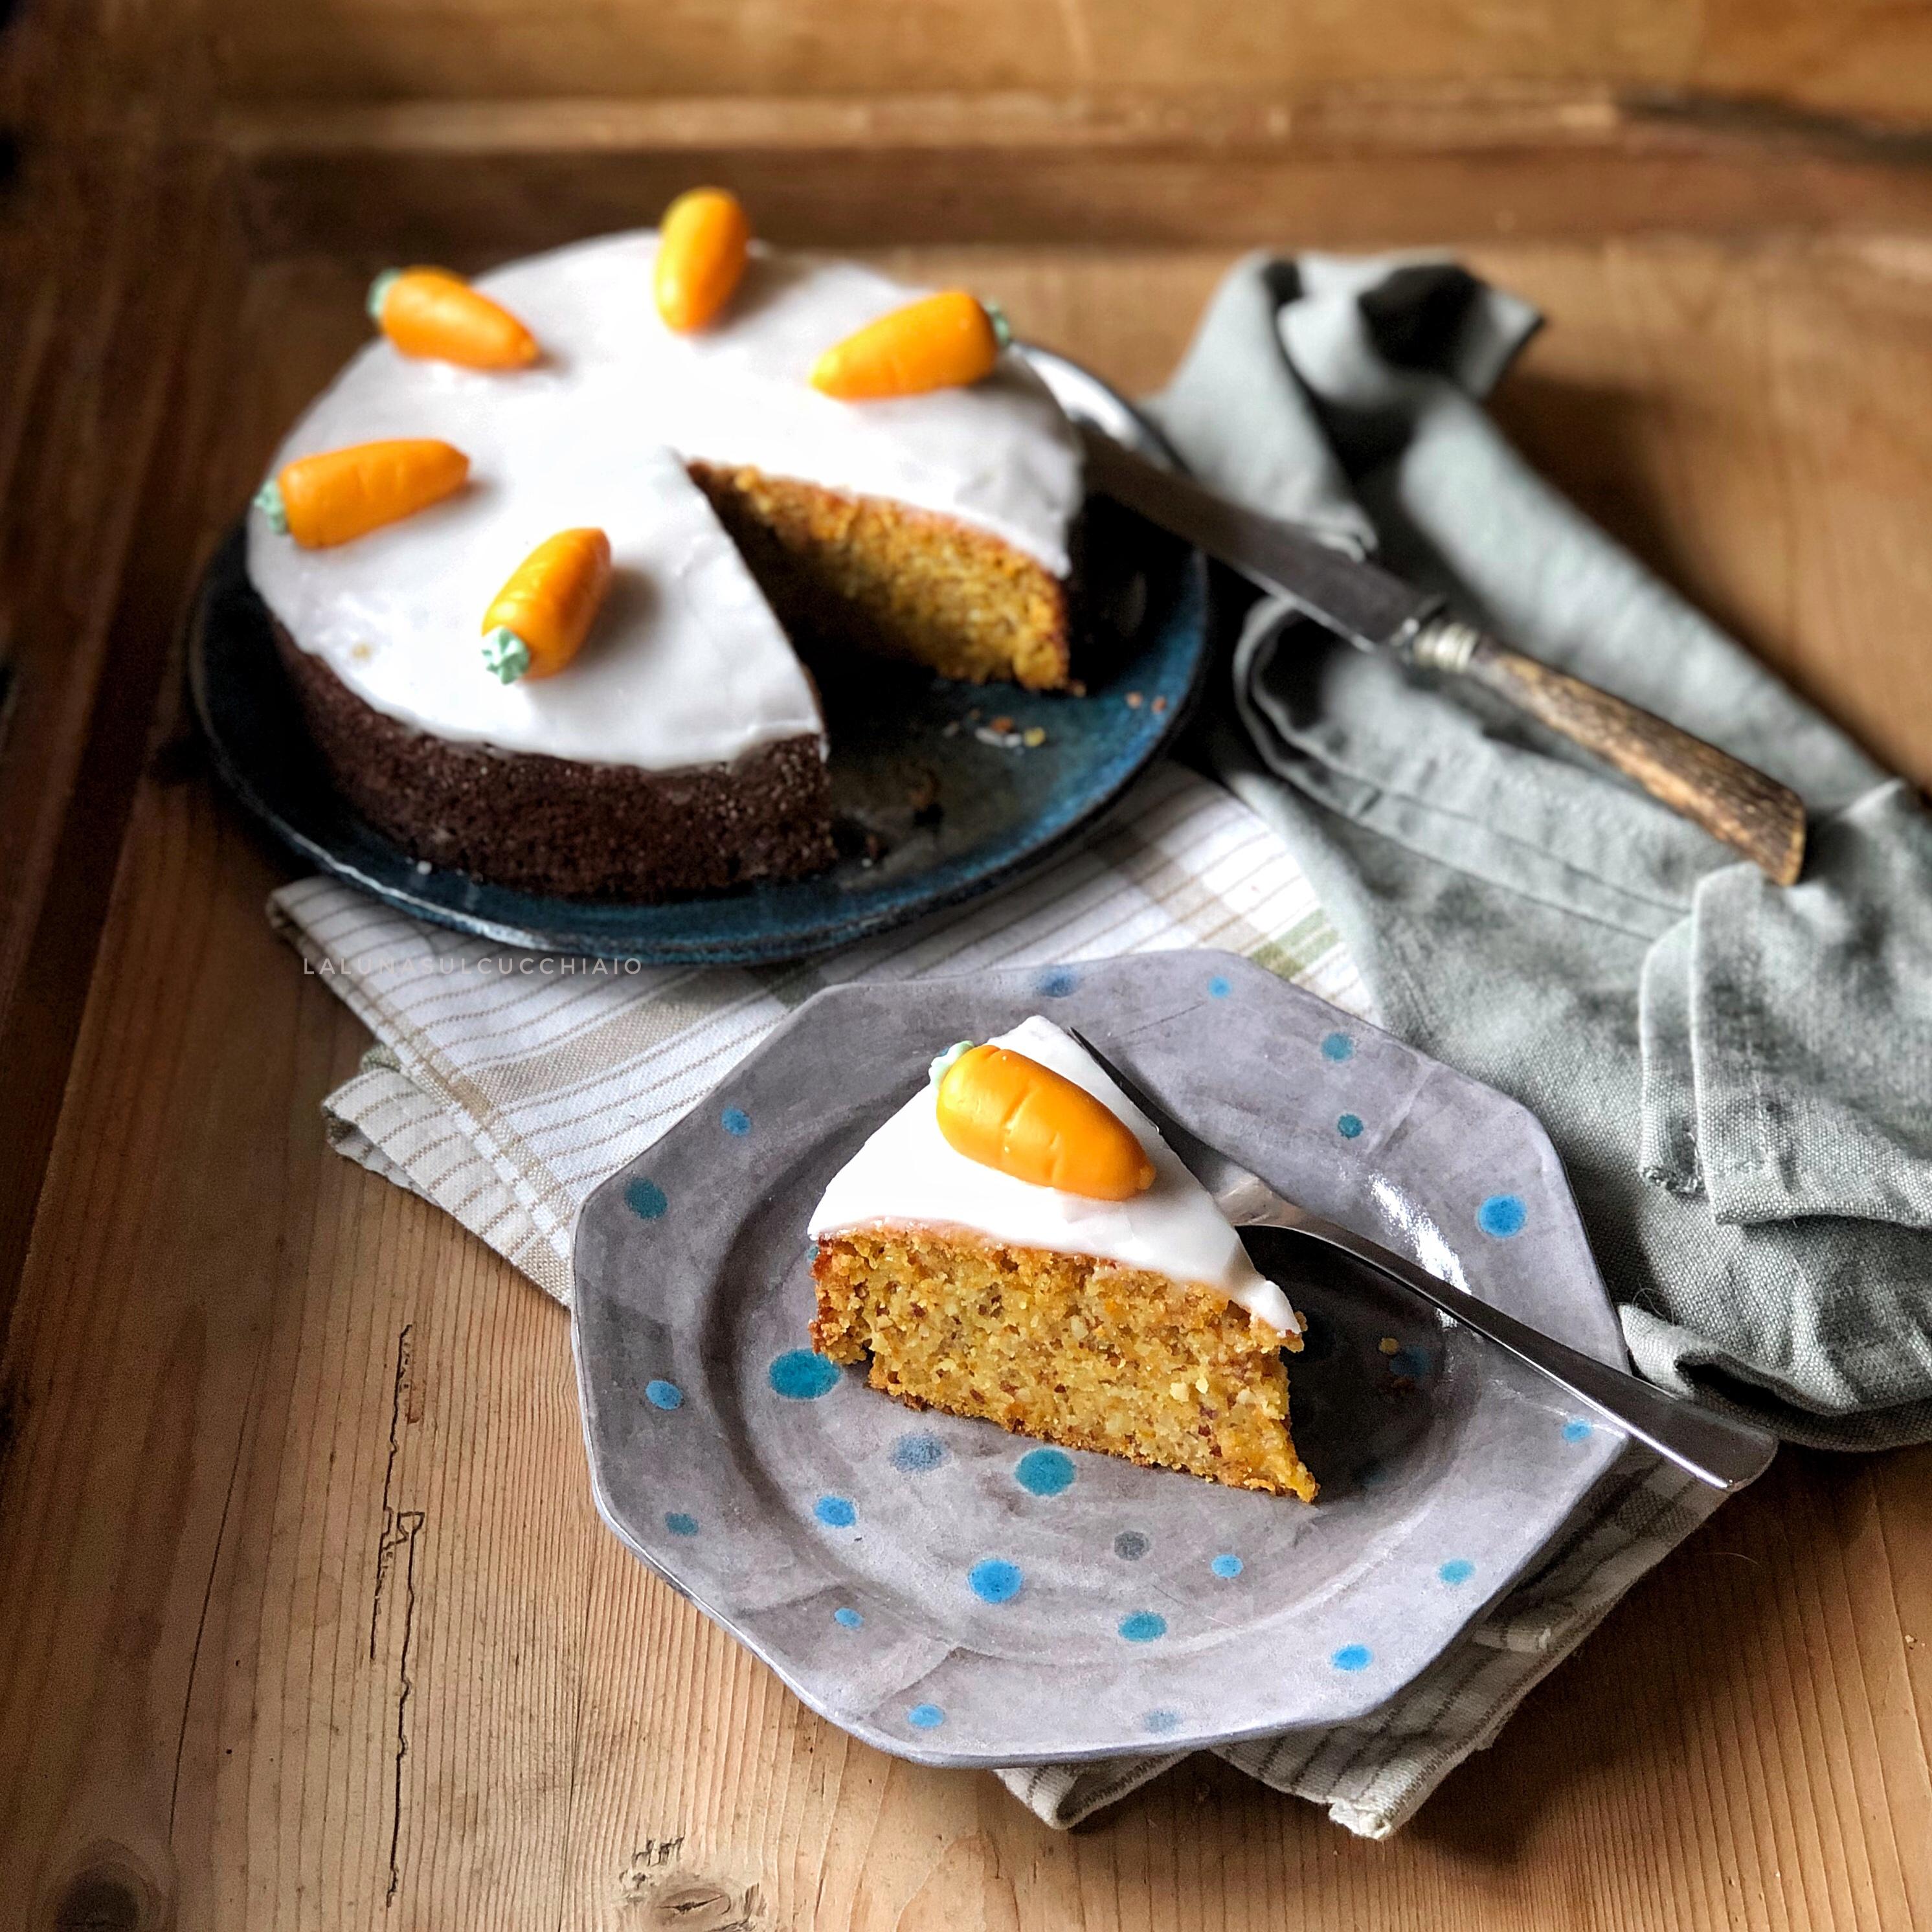 Torta di carote : la ricetta originale Svizzera